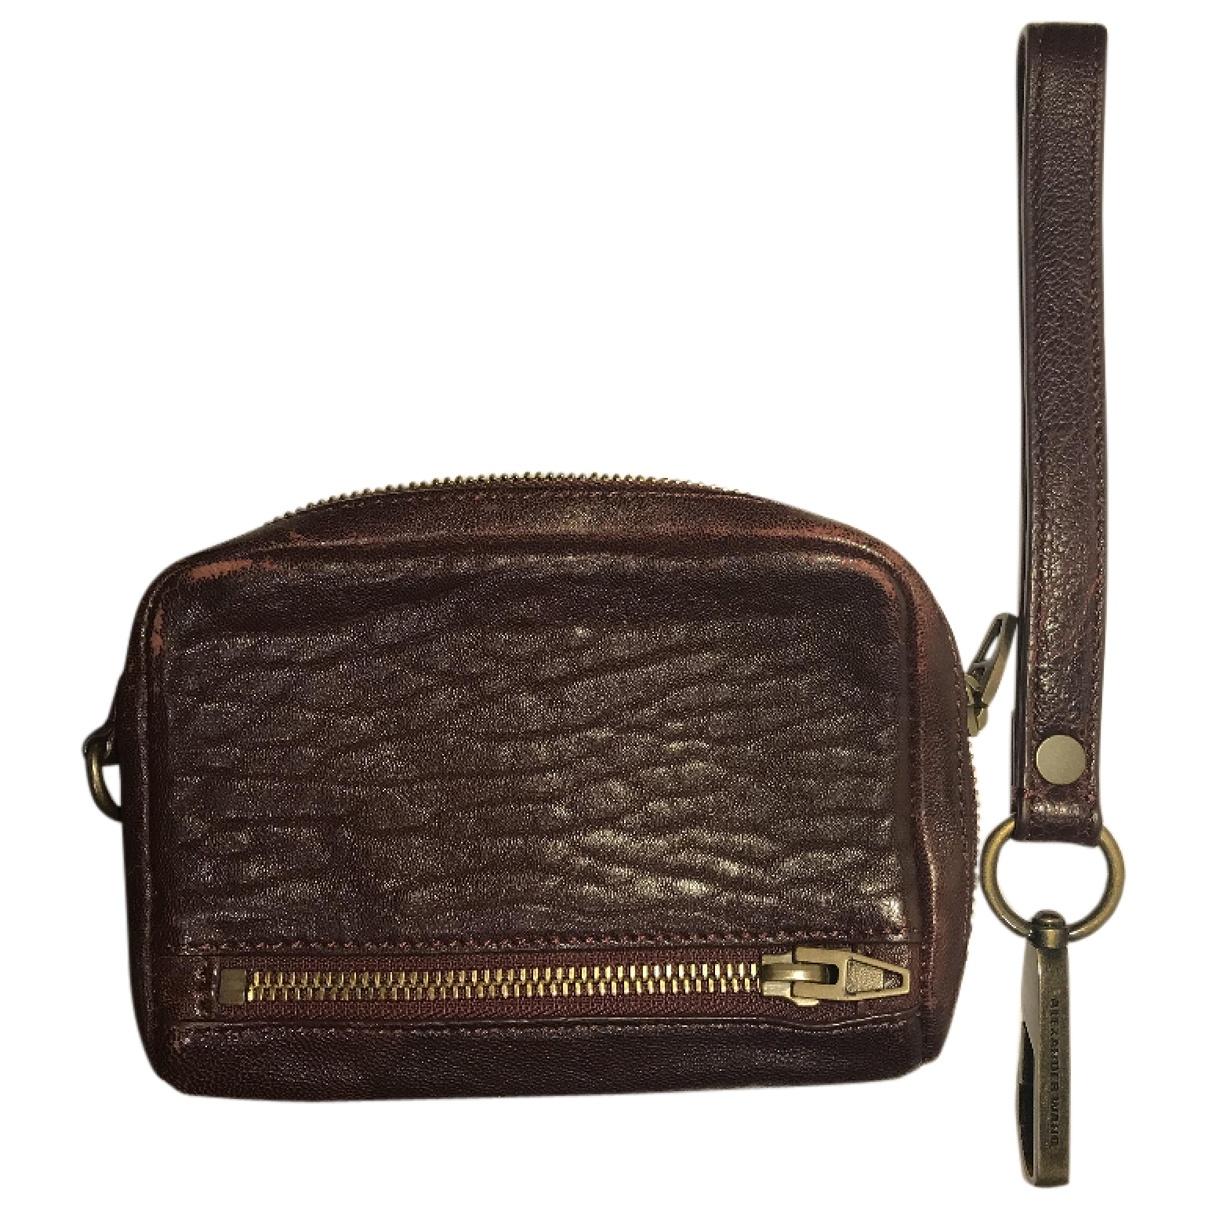 Alexander Wang \N Burgundy Leather wallet for Women \N